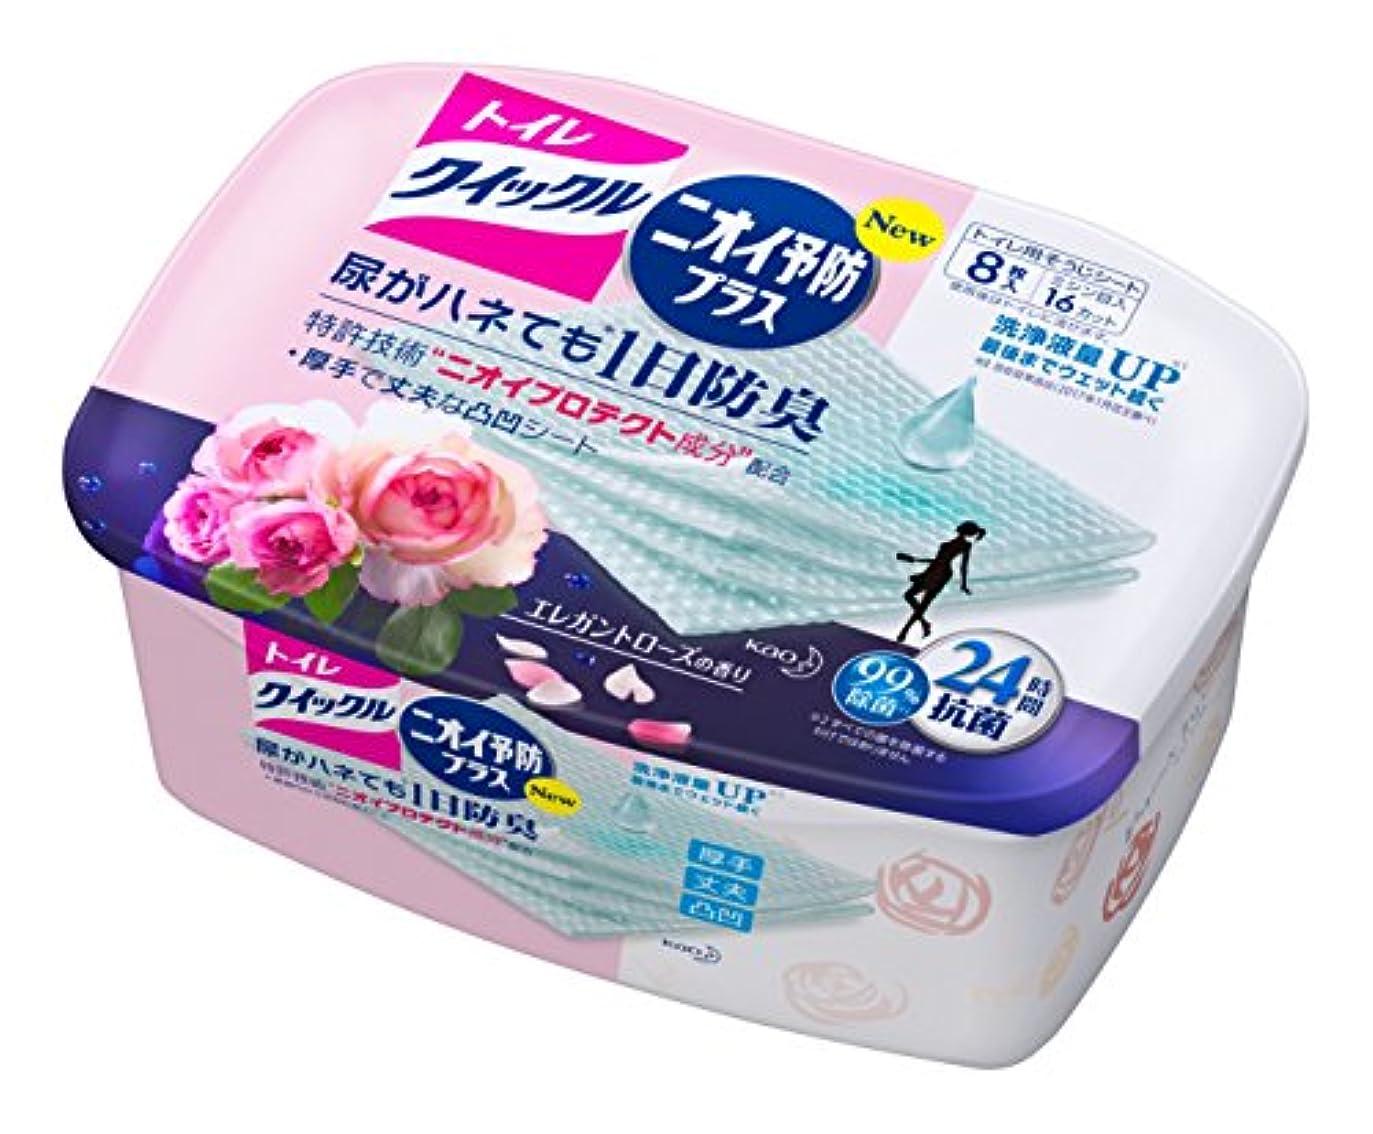 溶かすフローティングジャグリングトイレクイックル トイレ用洗剤 ニオイ予防プラス ローズ容器入 8枚